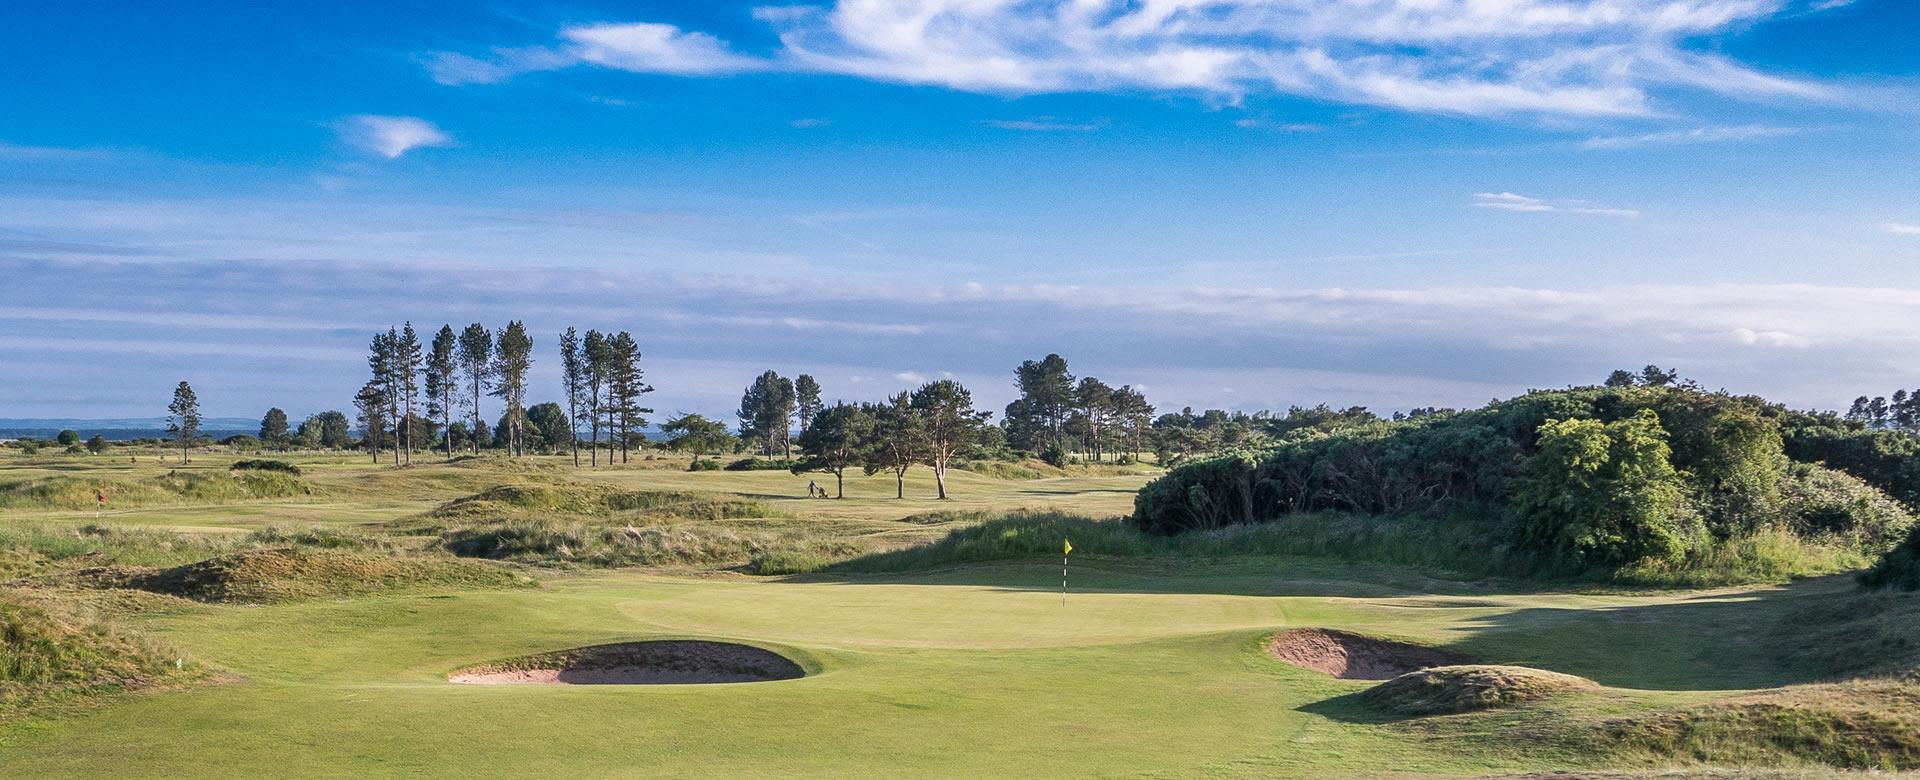 Monifieoth Golf Club